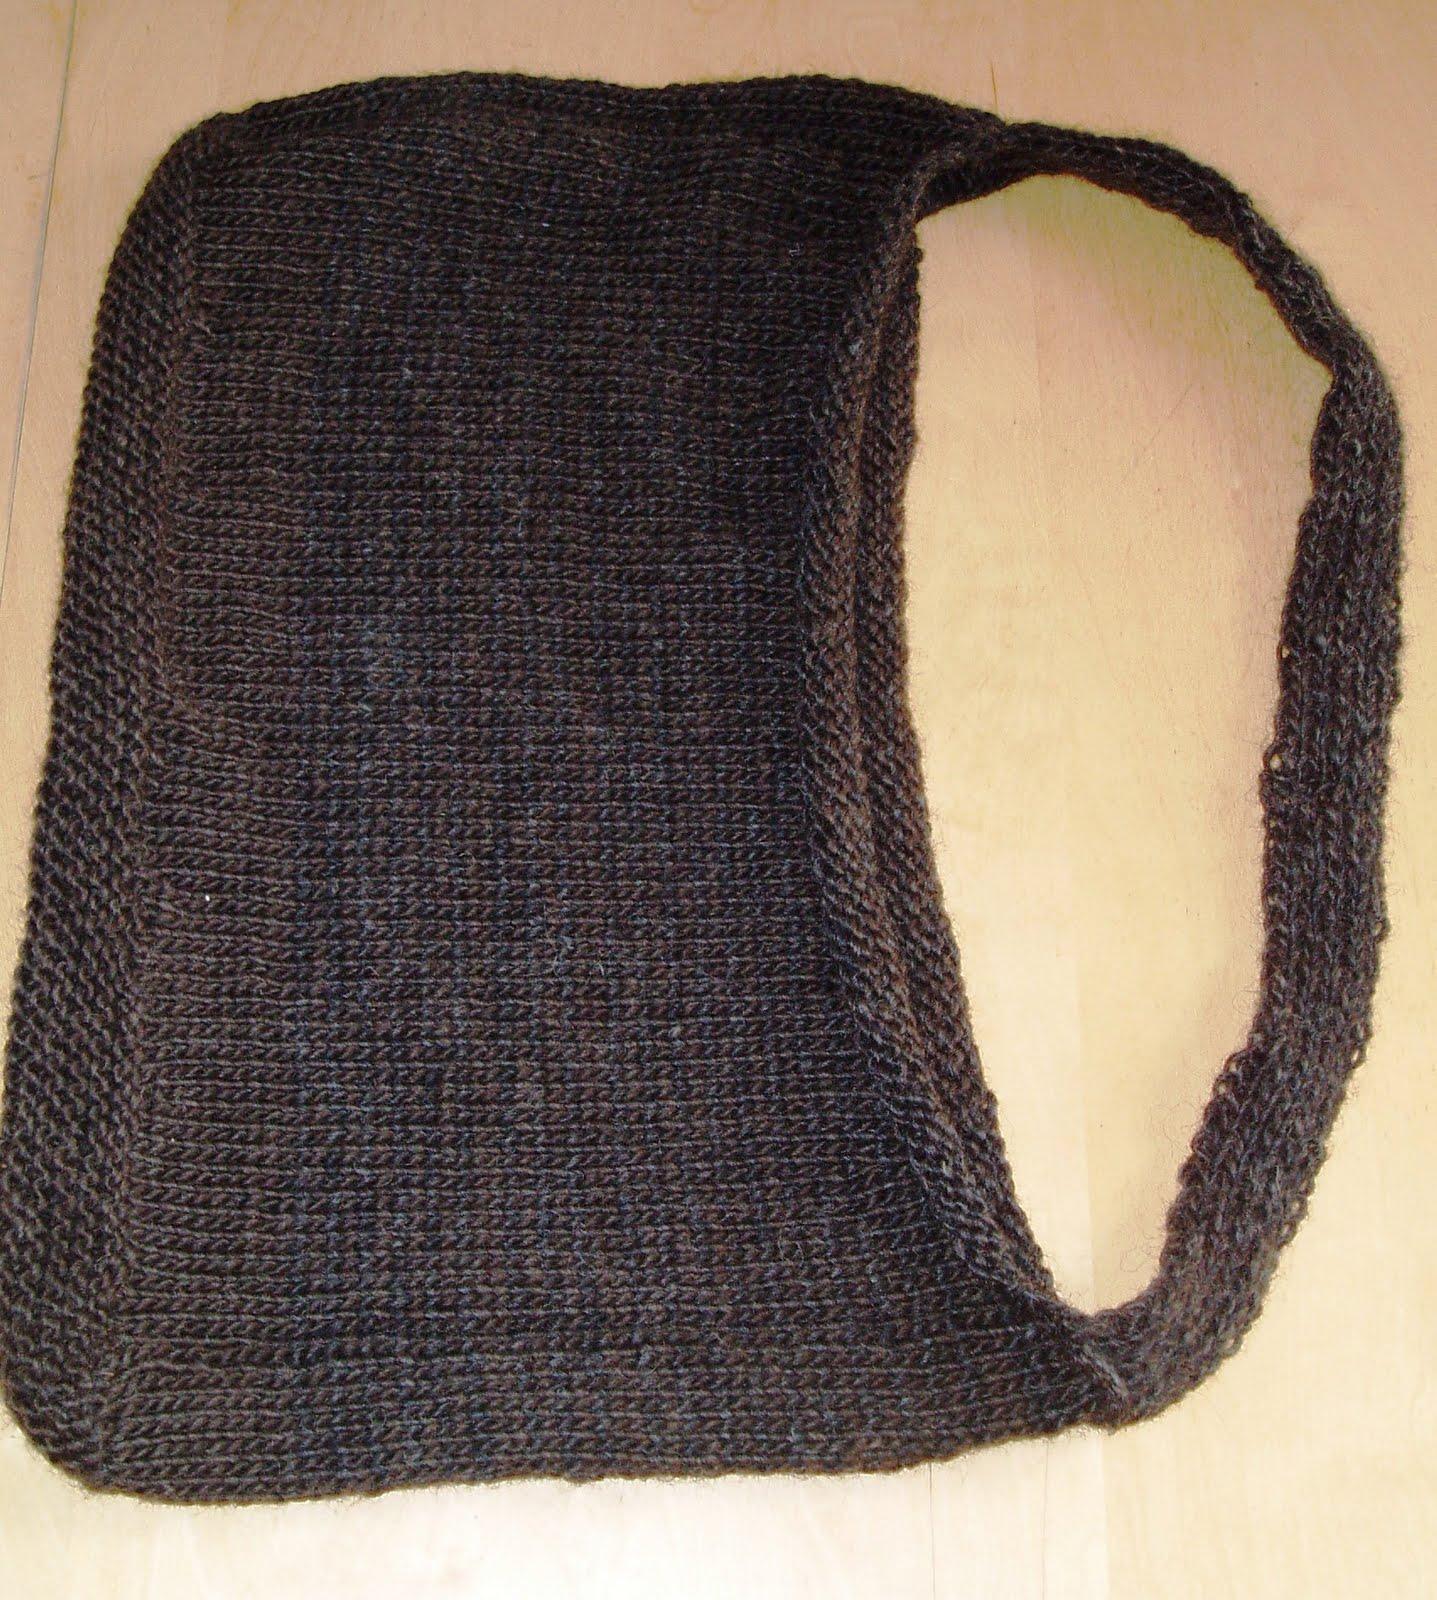 Knitting Pattern Messenger Bag : neverending lists: Knitting - Felted Messenger Bag